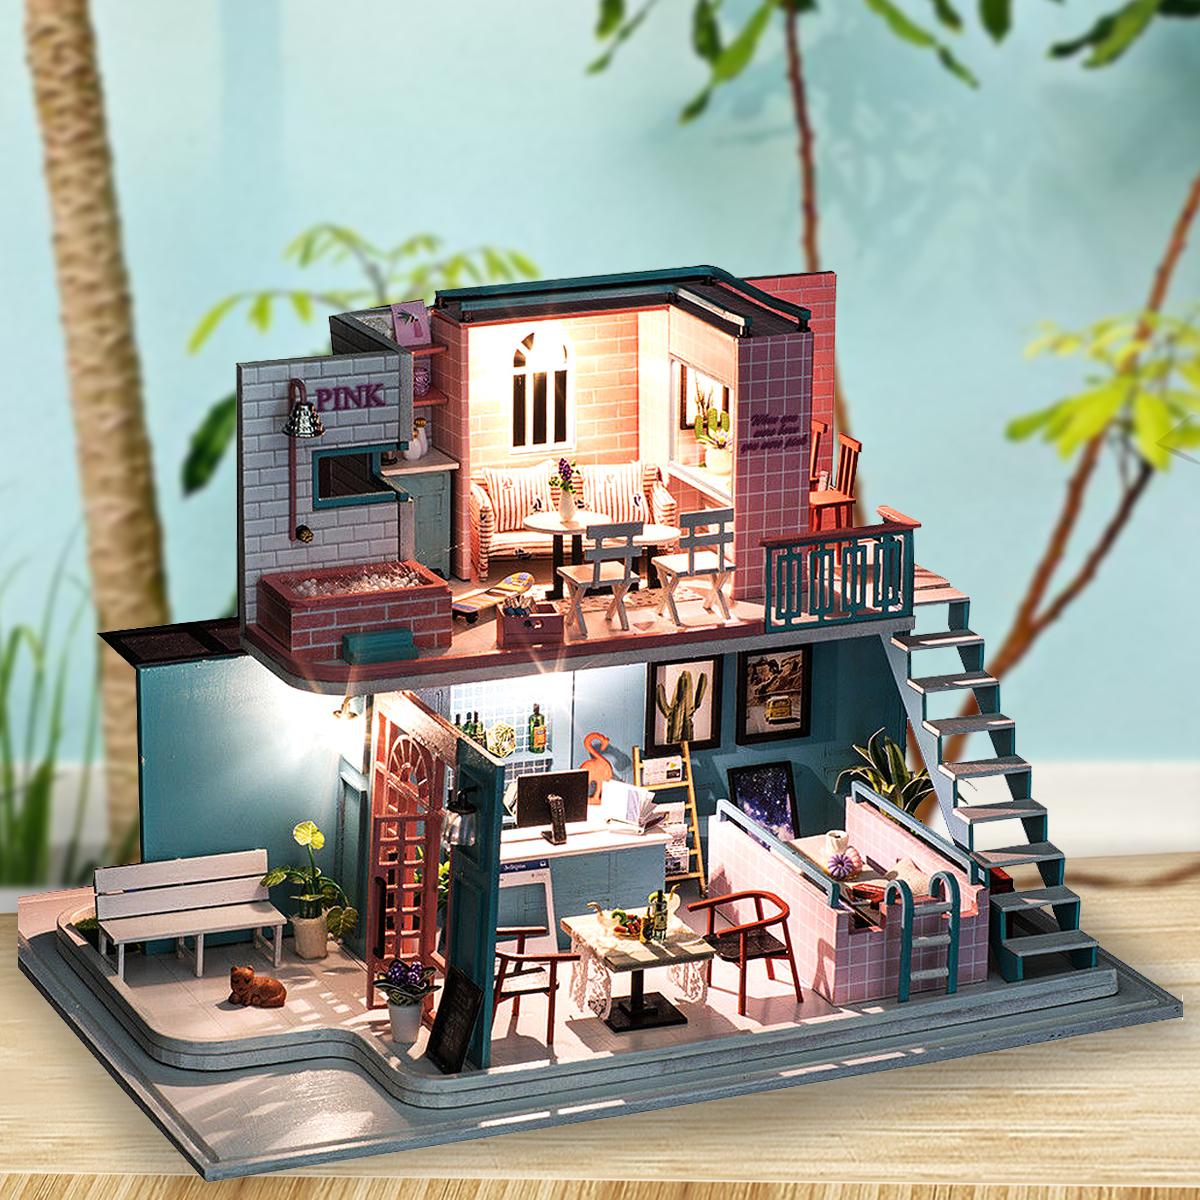 Деревянные миниатюры ручной работы 3D Кукла Дом Розовый Кафе Кукла Мебель для дома Diy Миниатюрные игрушки для девочек Подарки на день рожде